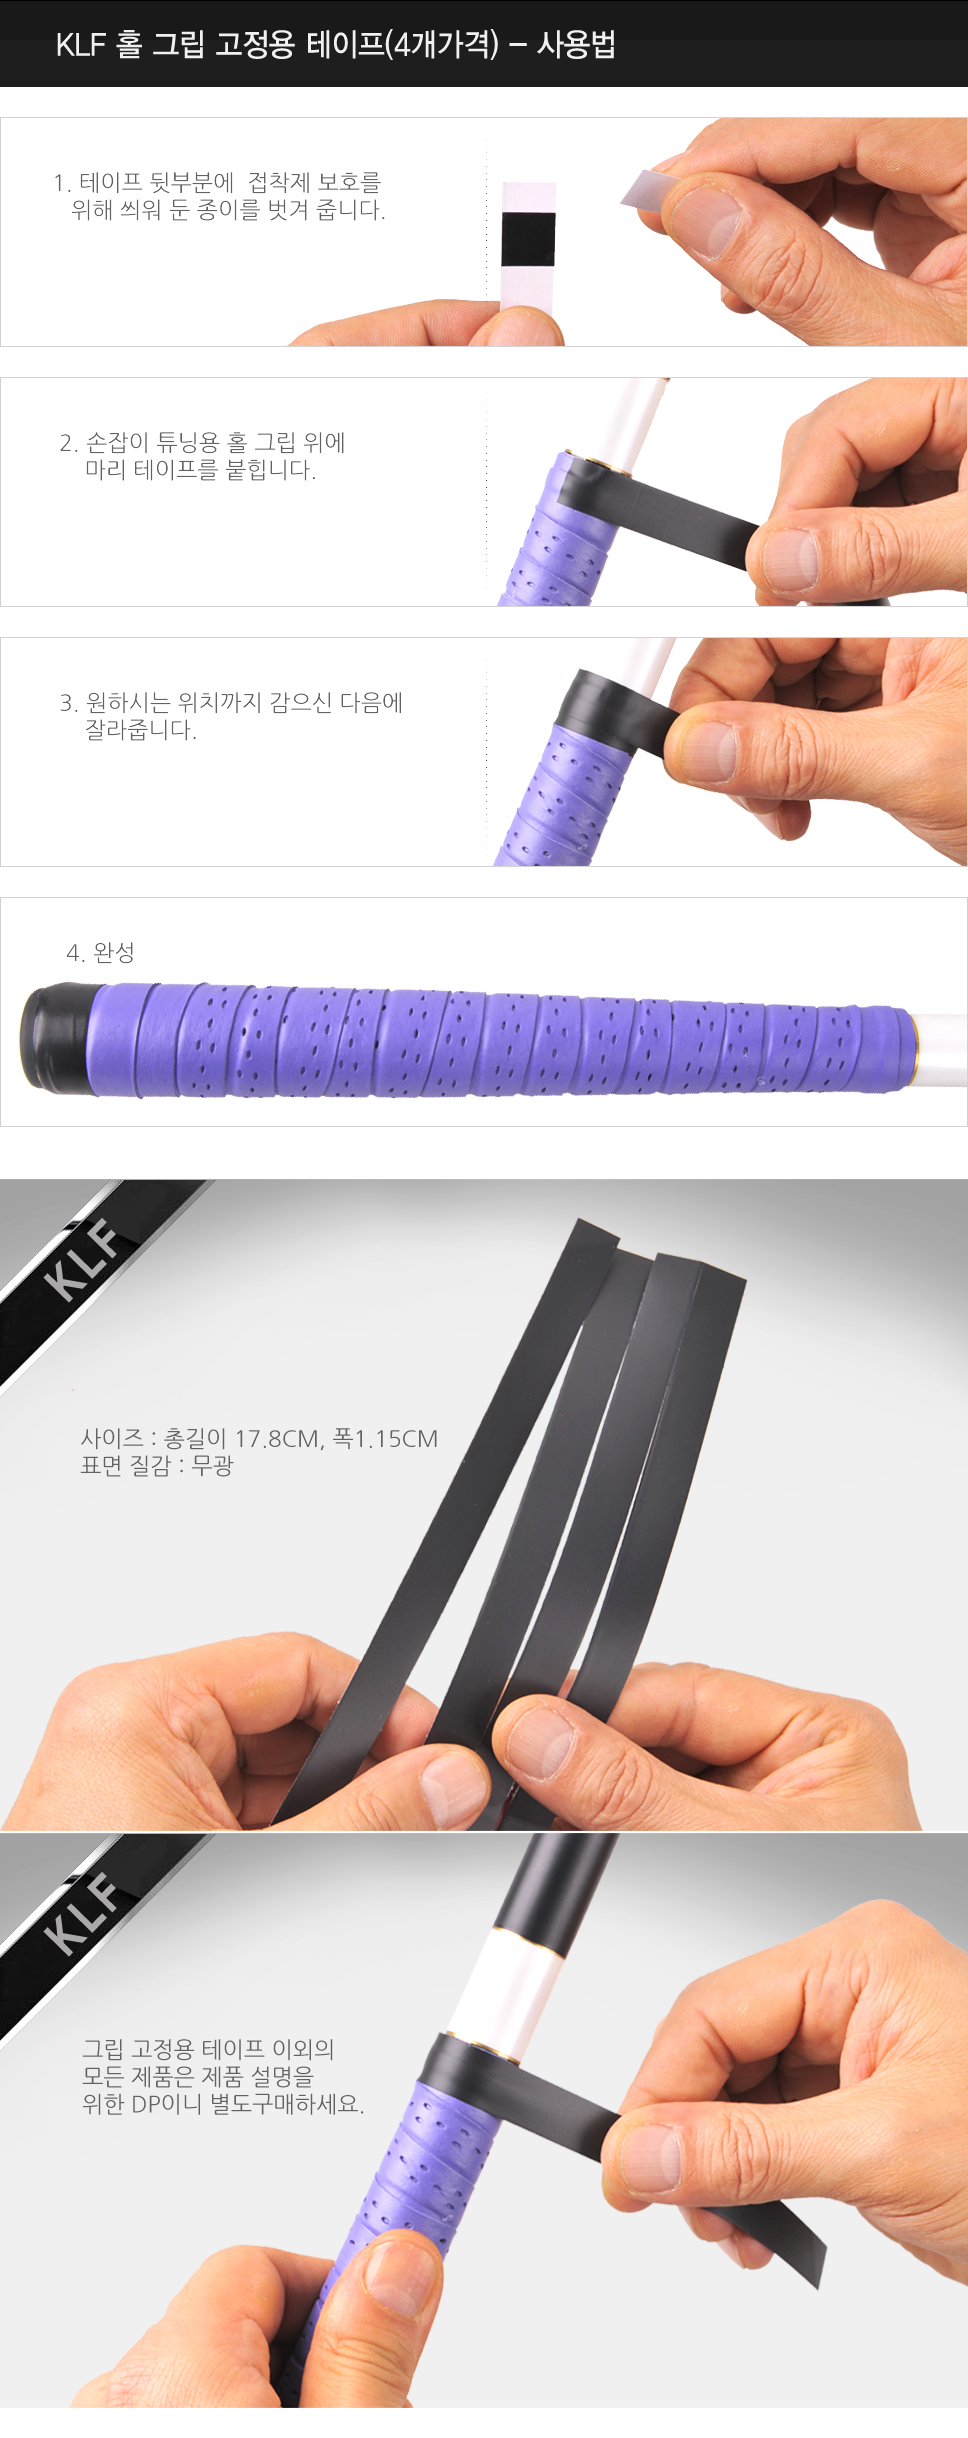 KLF 홀 그립 고정용 테이프(4개가격) 테이프,수축,그맆,손잡이,고무